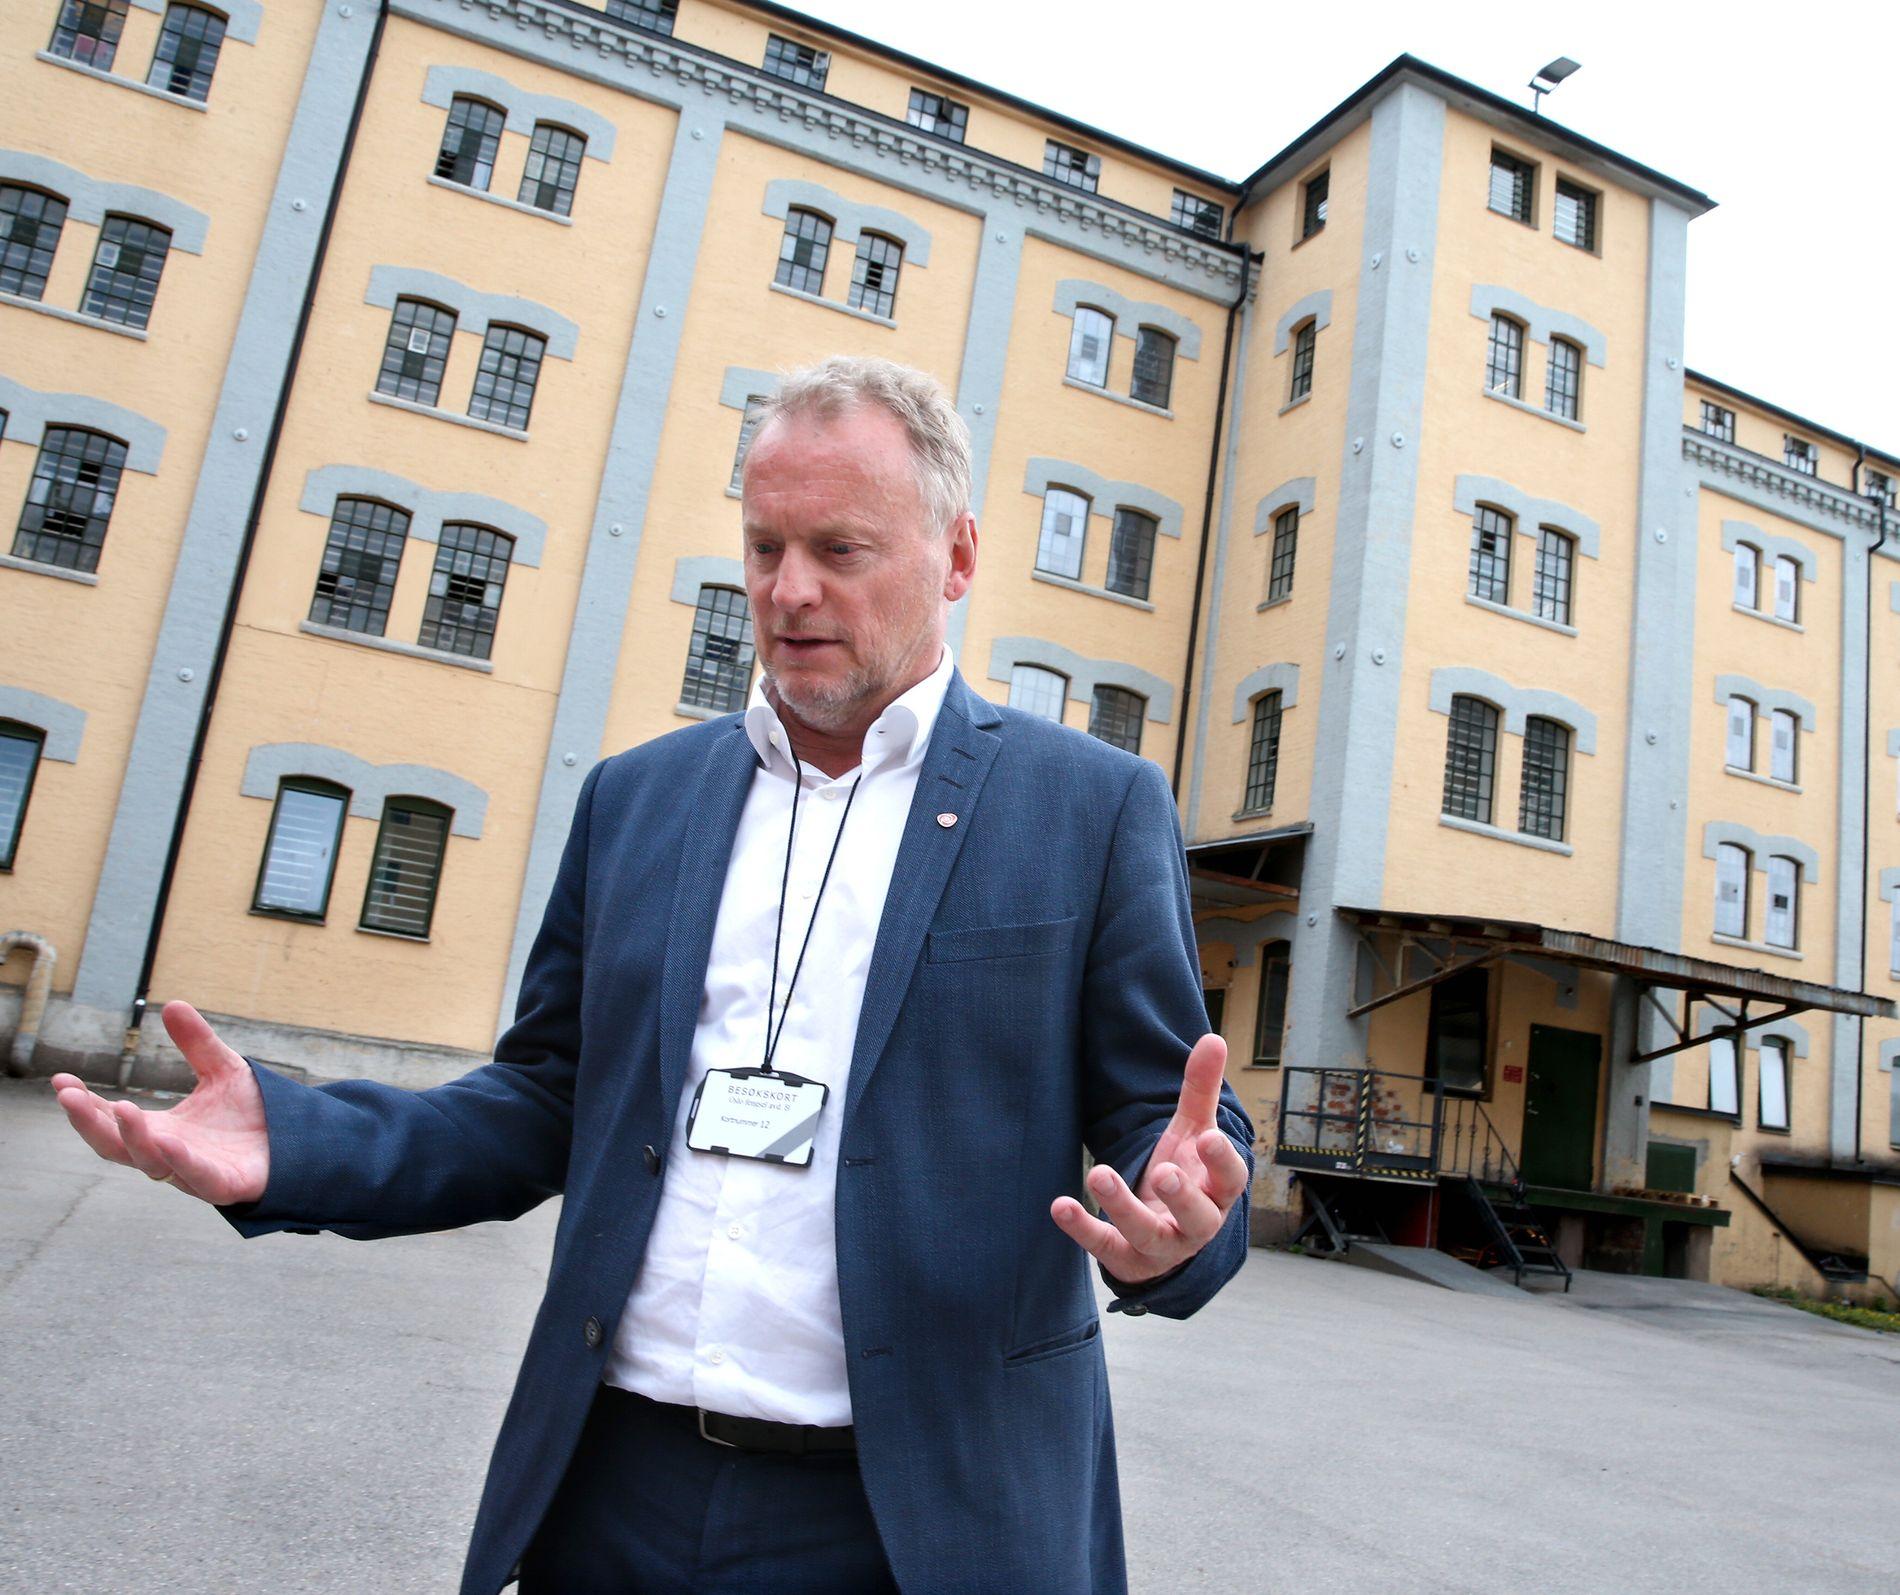 HØL I HUE: Byrådsleder Raymond Johansen anklager Erna Solberg for «høl i hue-politikk».